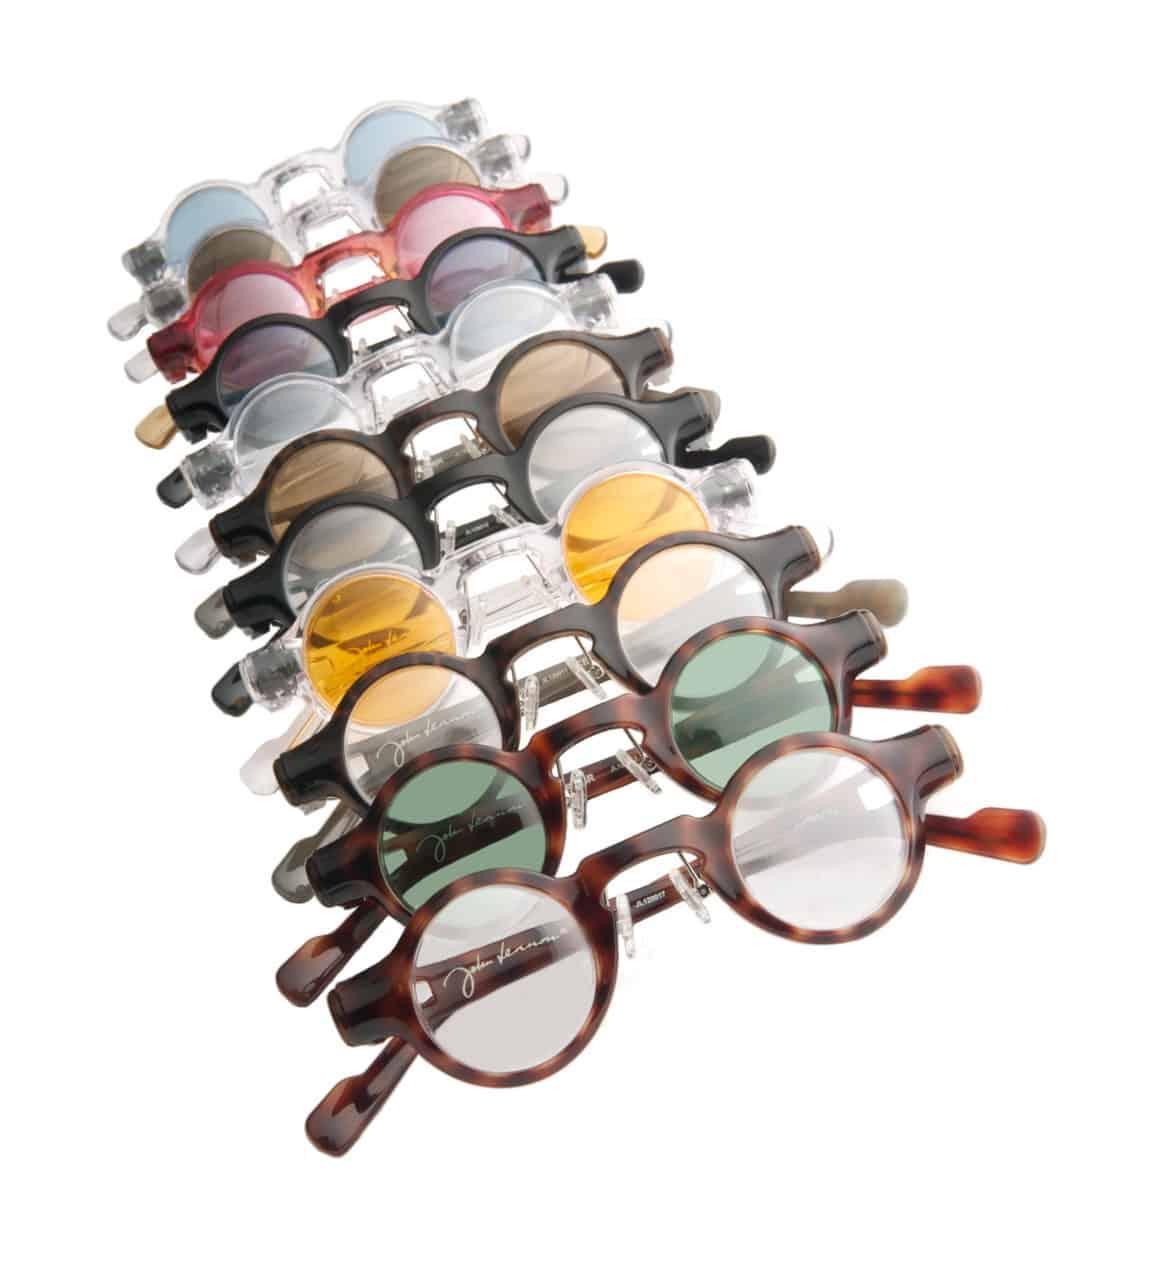 Adlens, gli occhiali regolabili, molto utili in situazioni d'emergenza